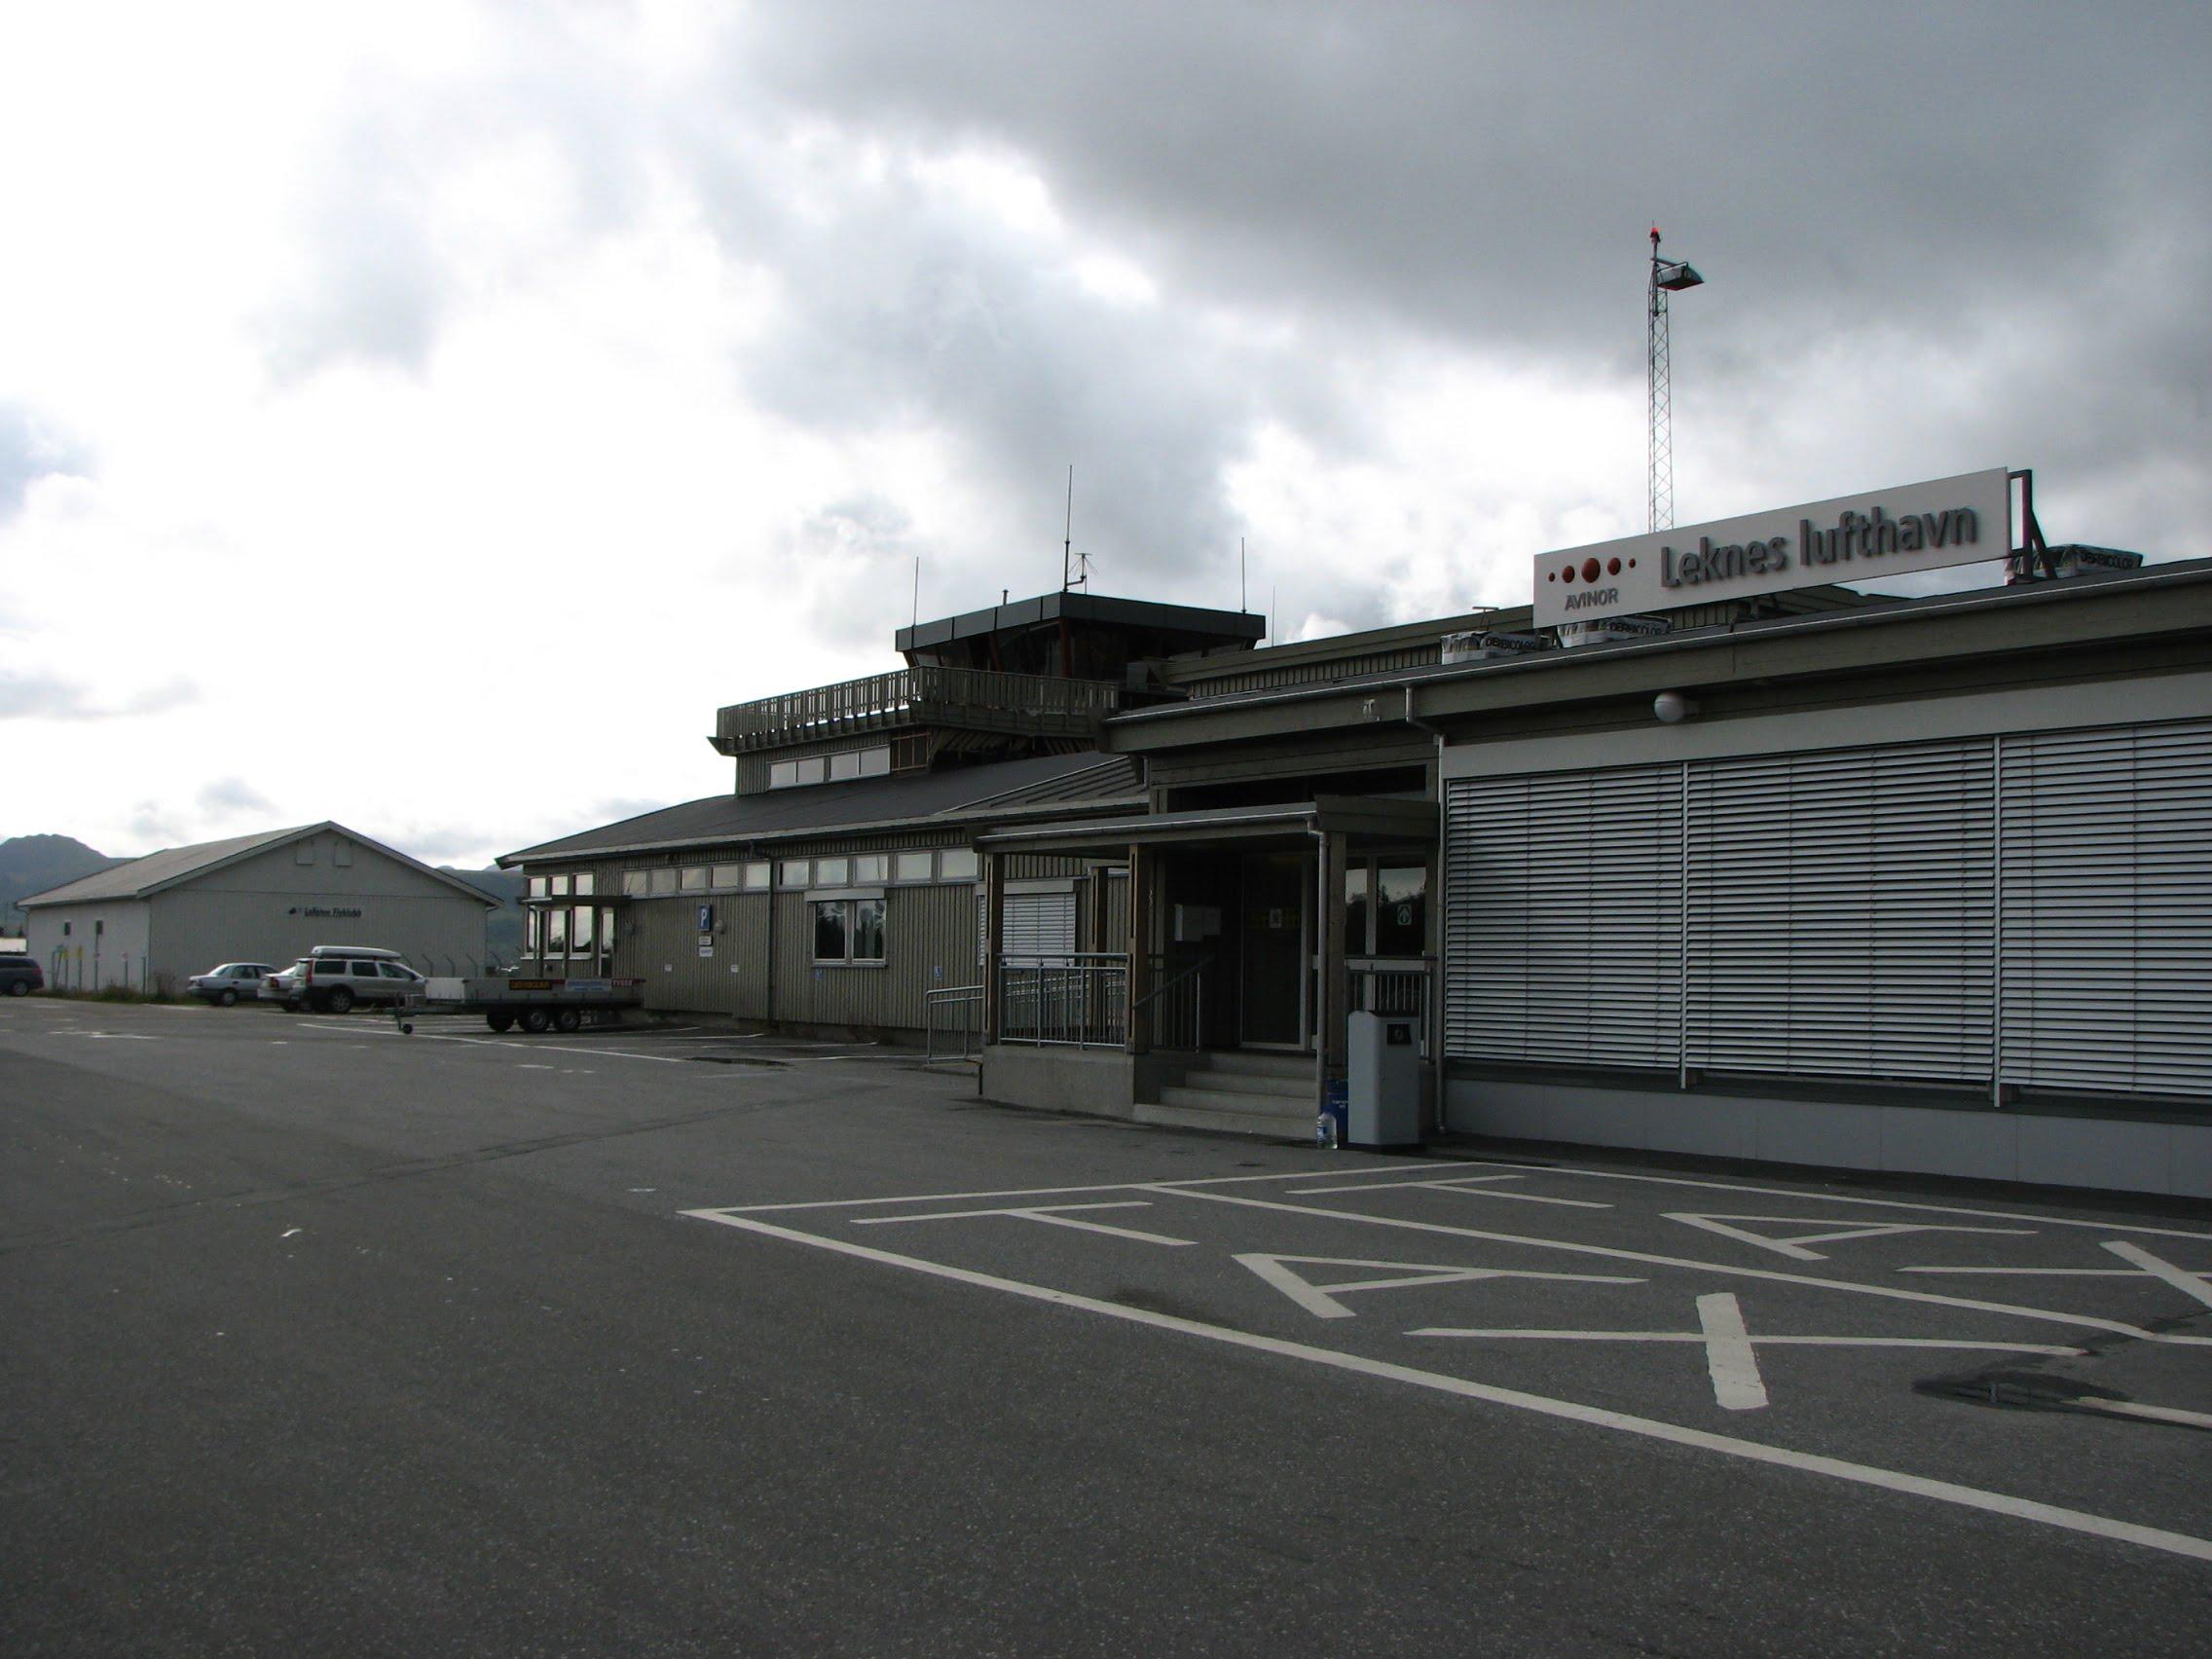 Aeropuerto en Noruega